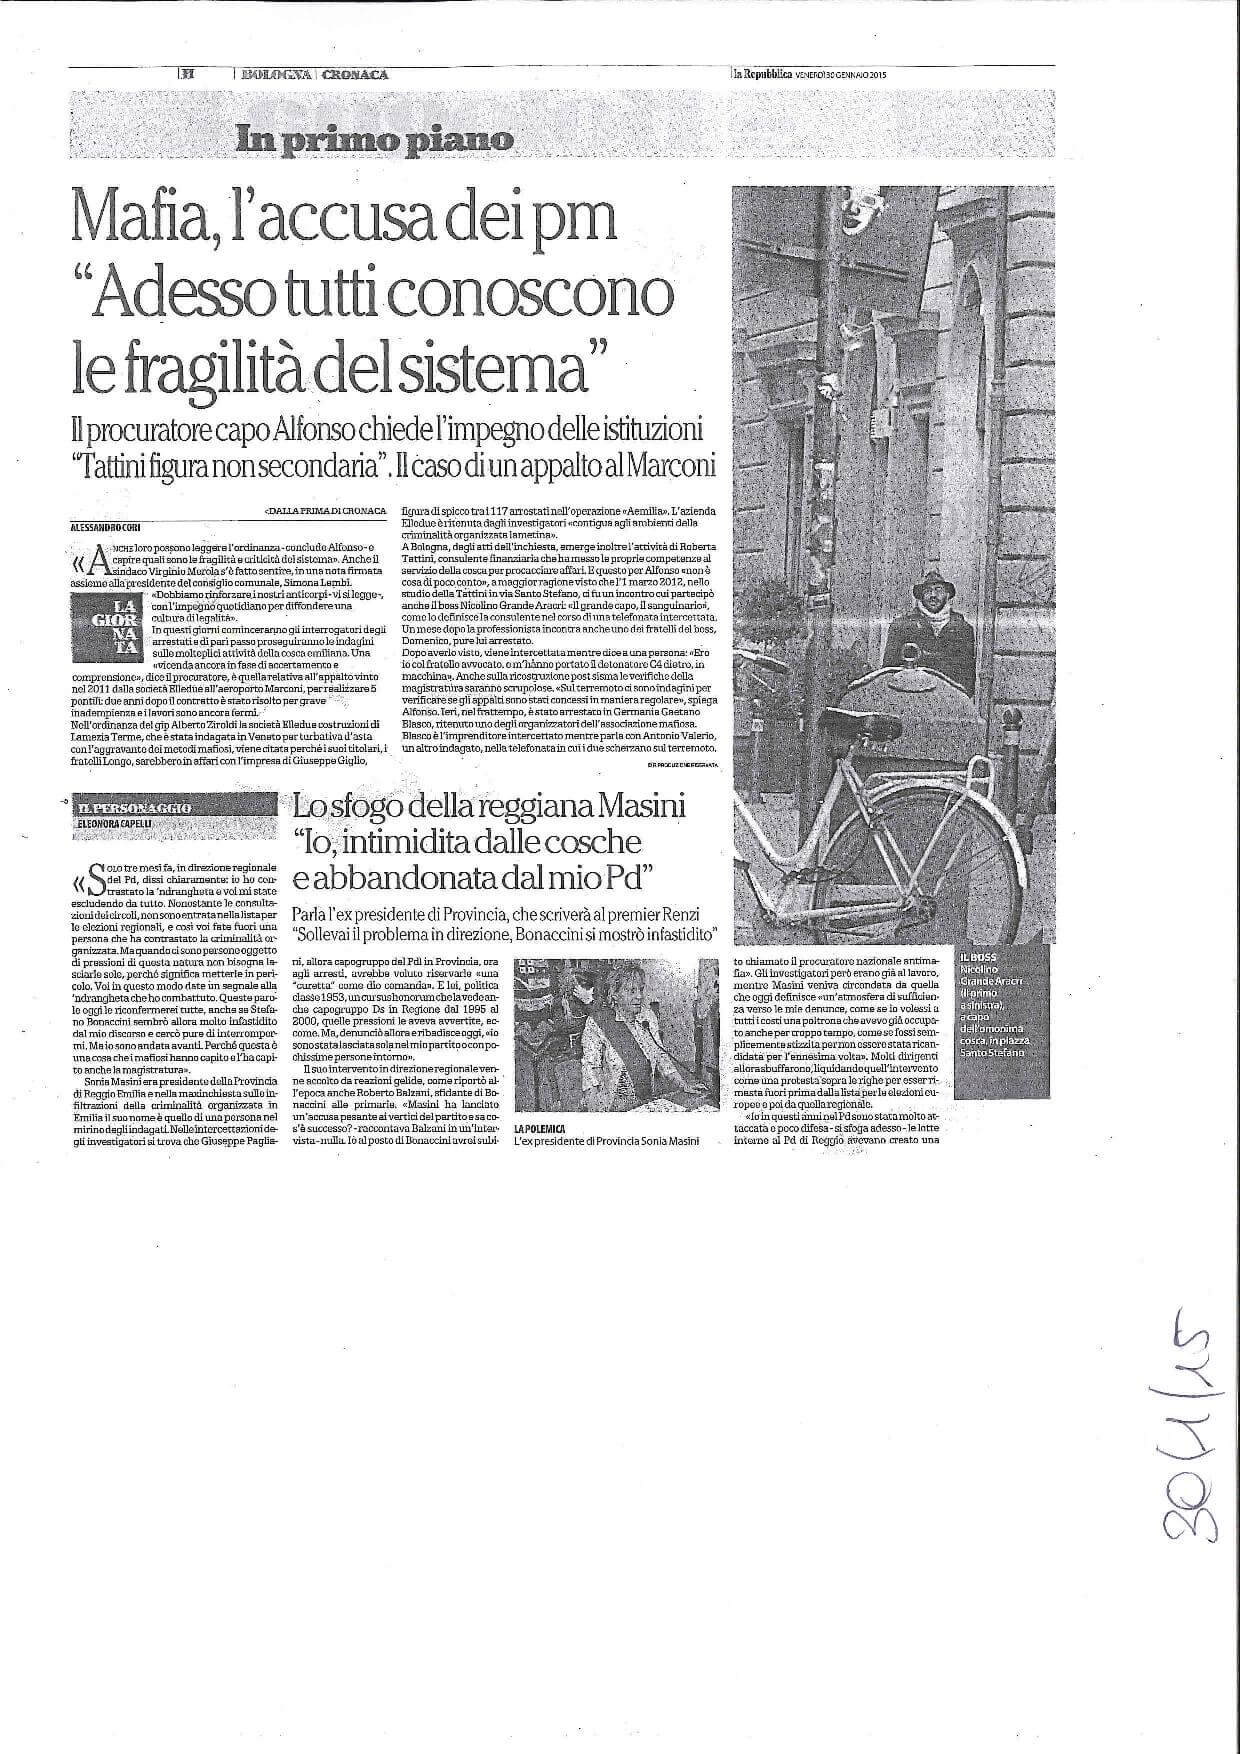 30_1_15_repubblica_ii_troncato-page-001